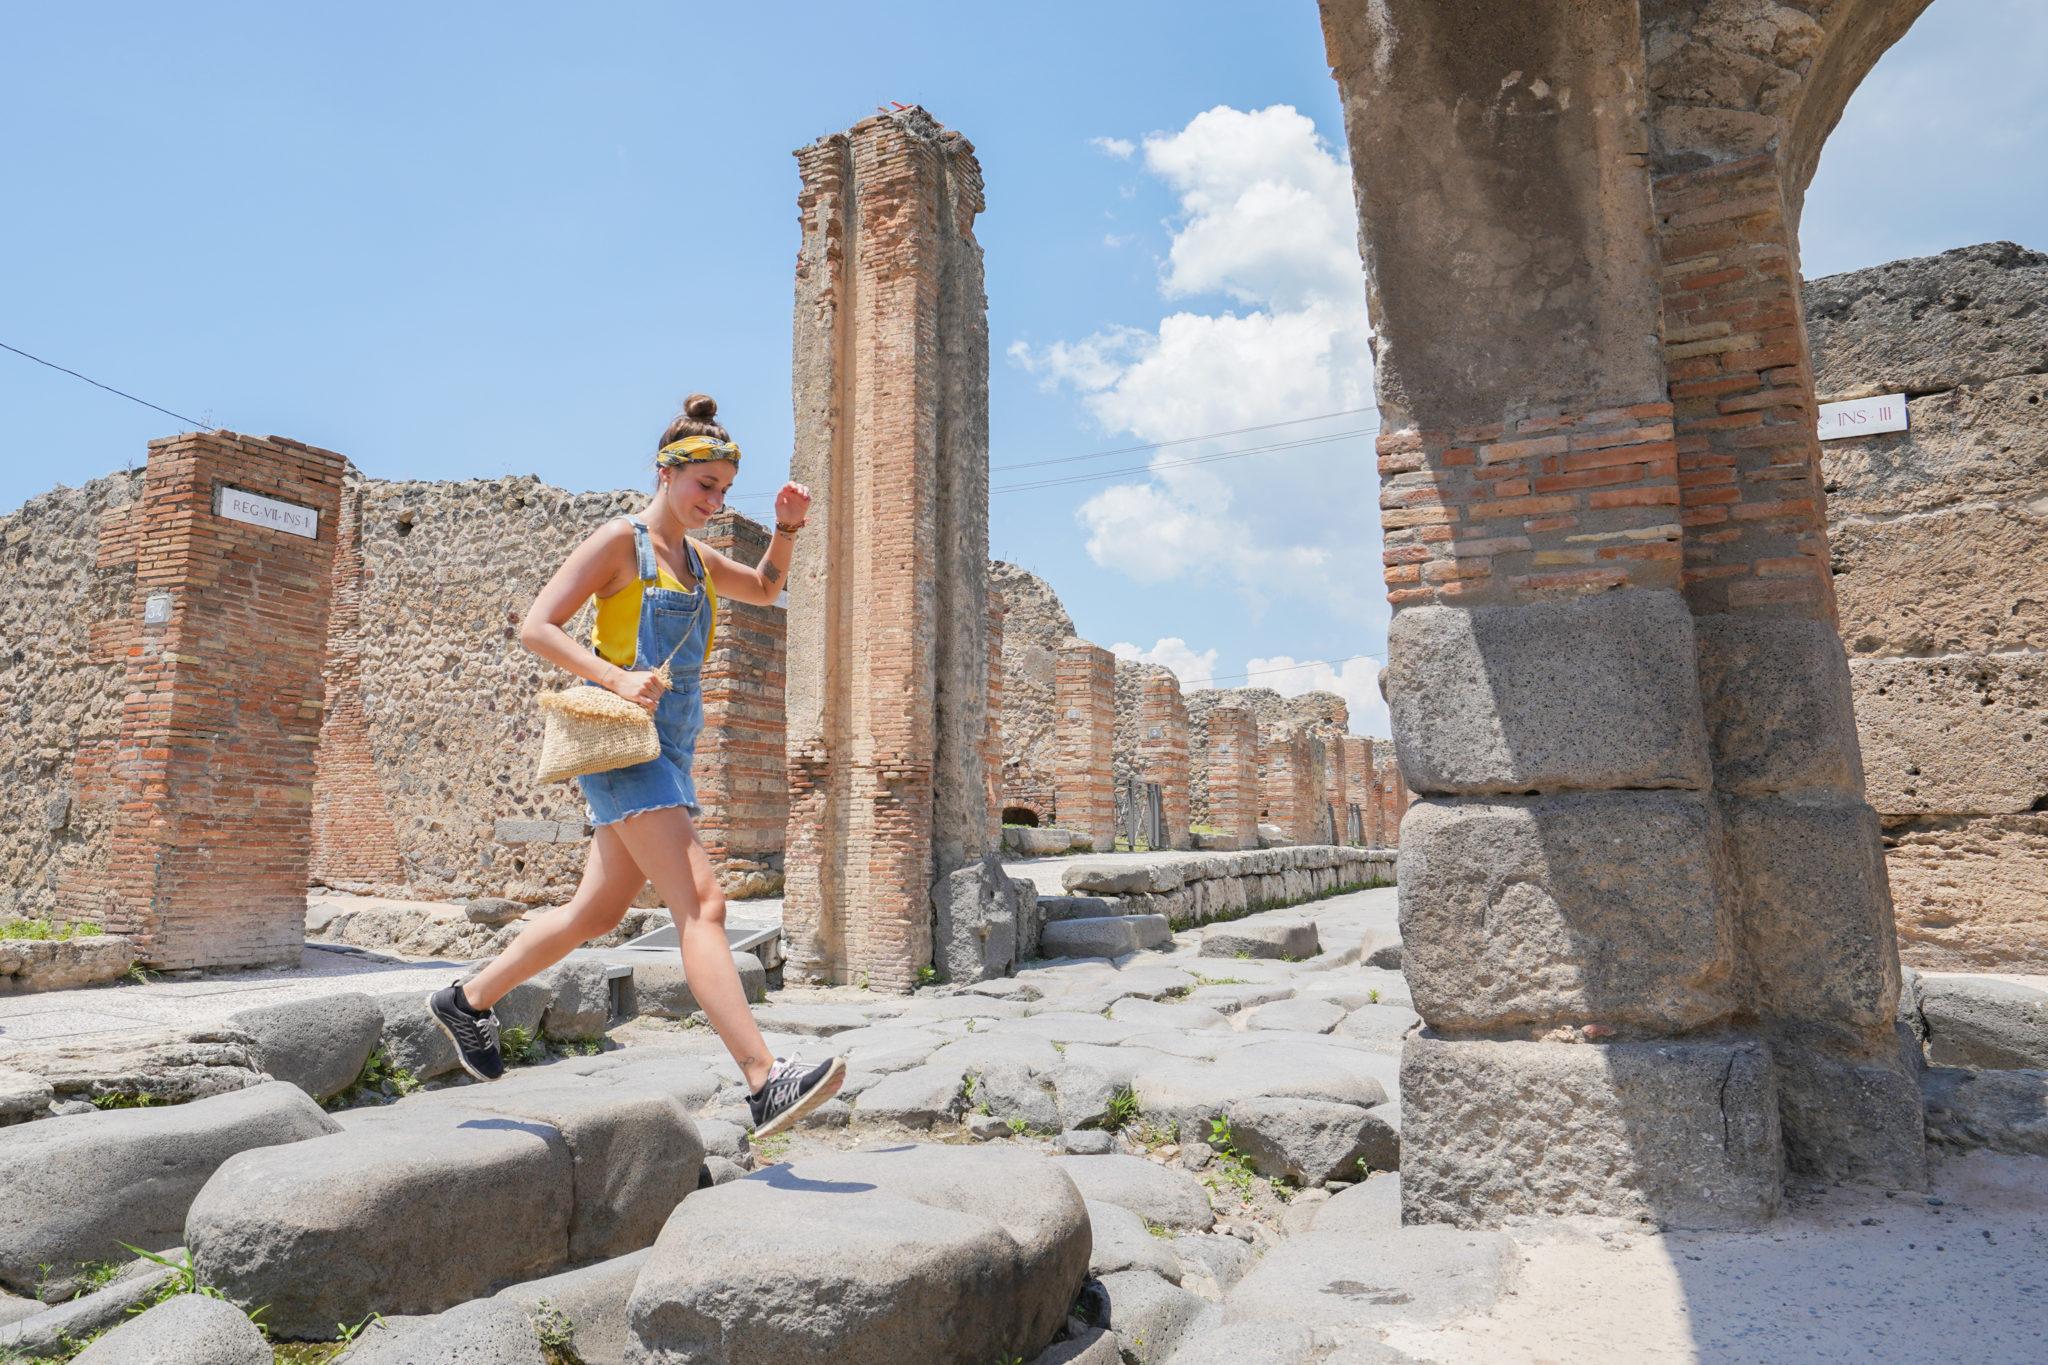 Visite-pompei-comment-passage-piéton